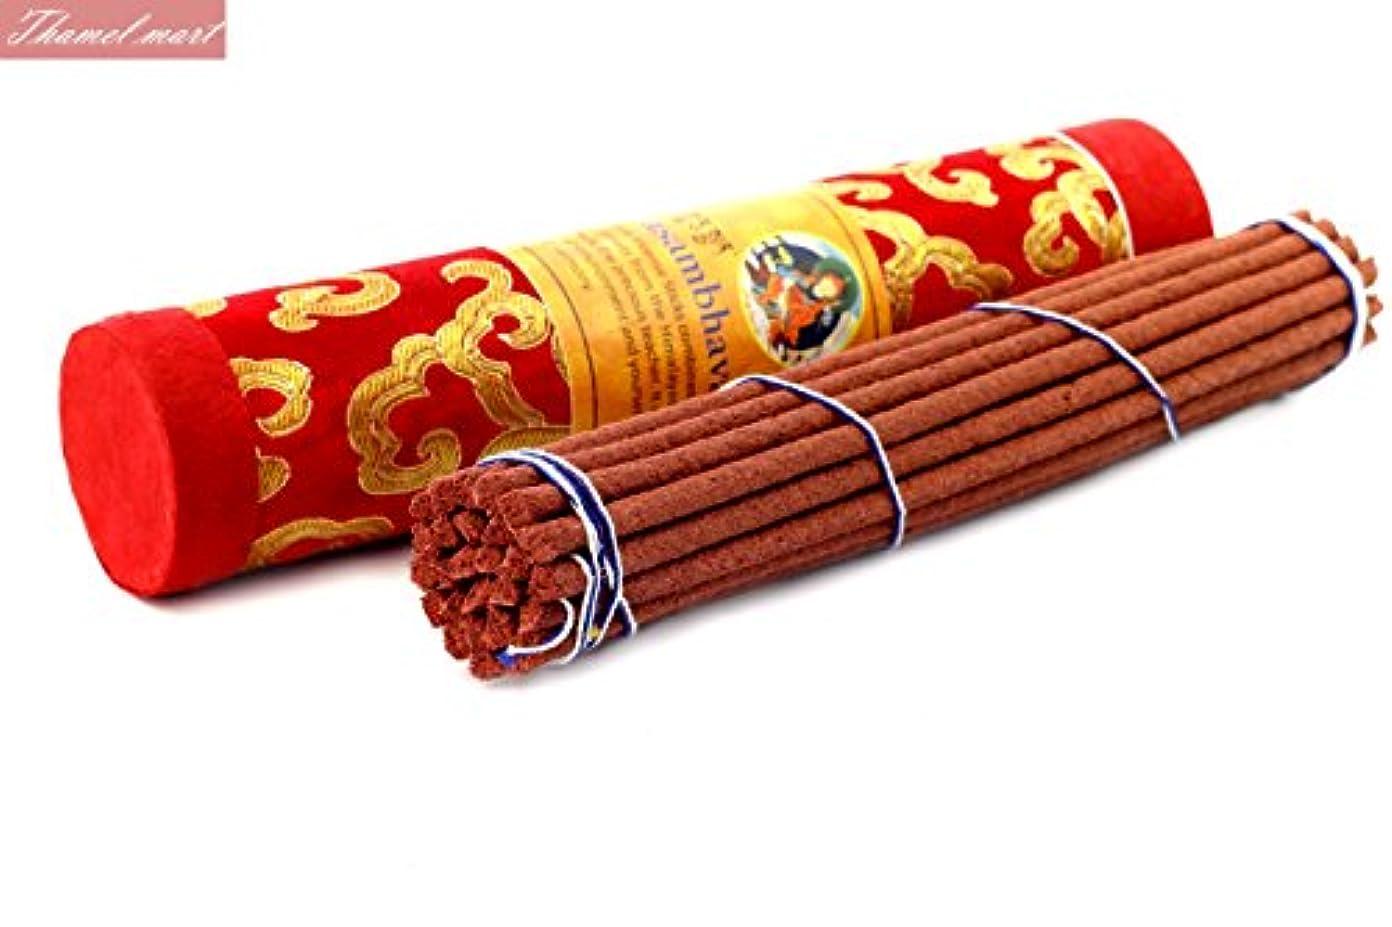 見つけるフェリーかわいらしいPadmasambhava Tibetan Incense Sticks – Spiritual & Medicinal Relaxation Potpourrisより – 効果的& Scented Oils